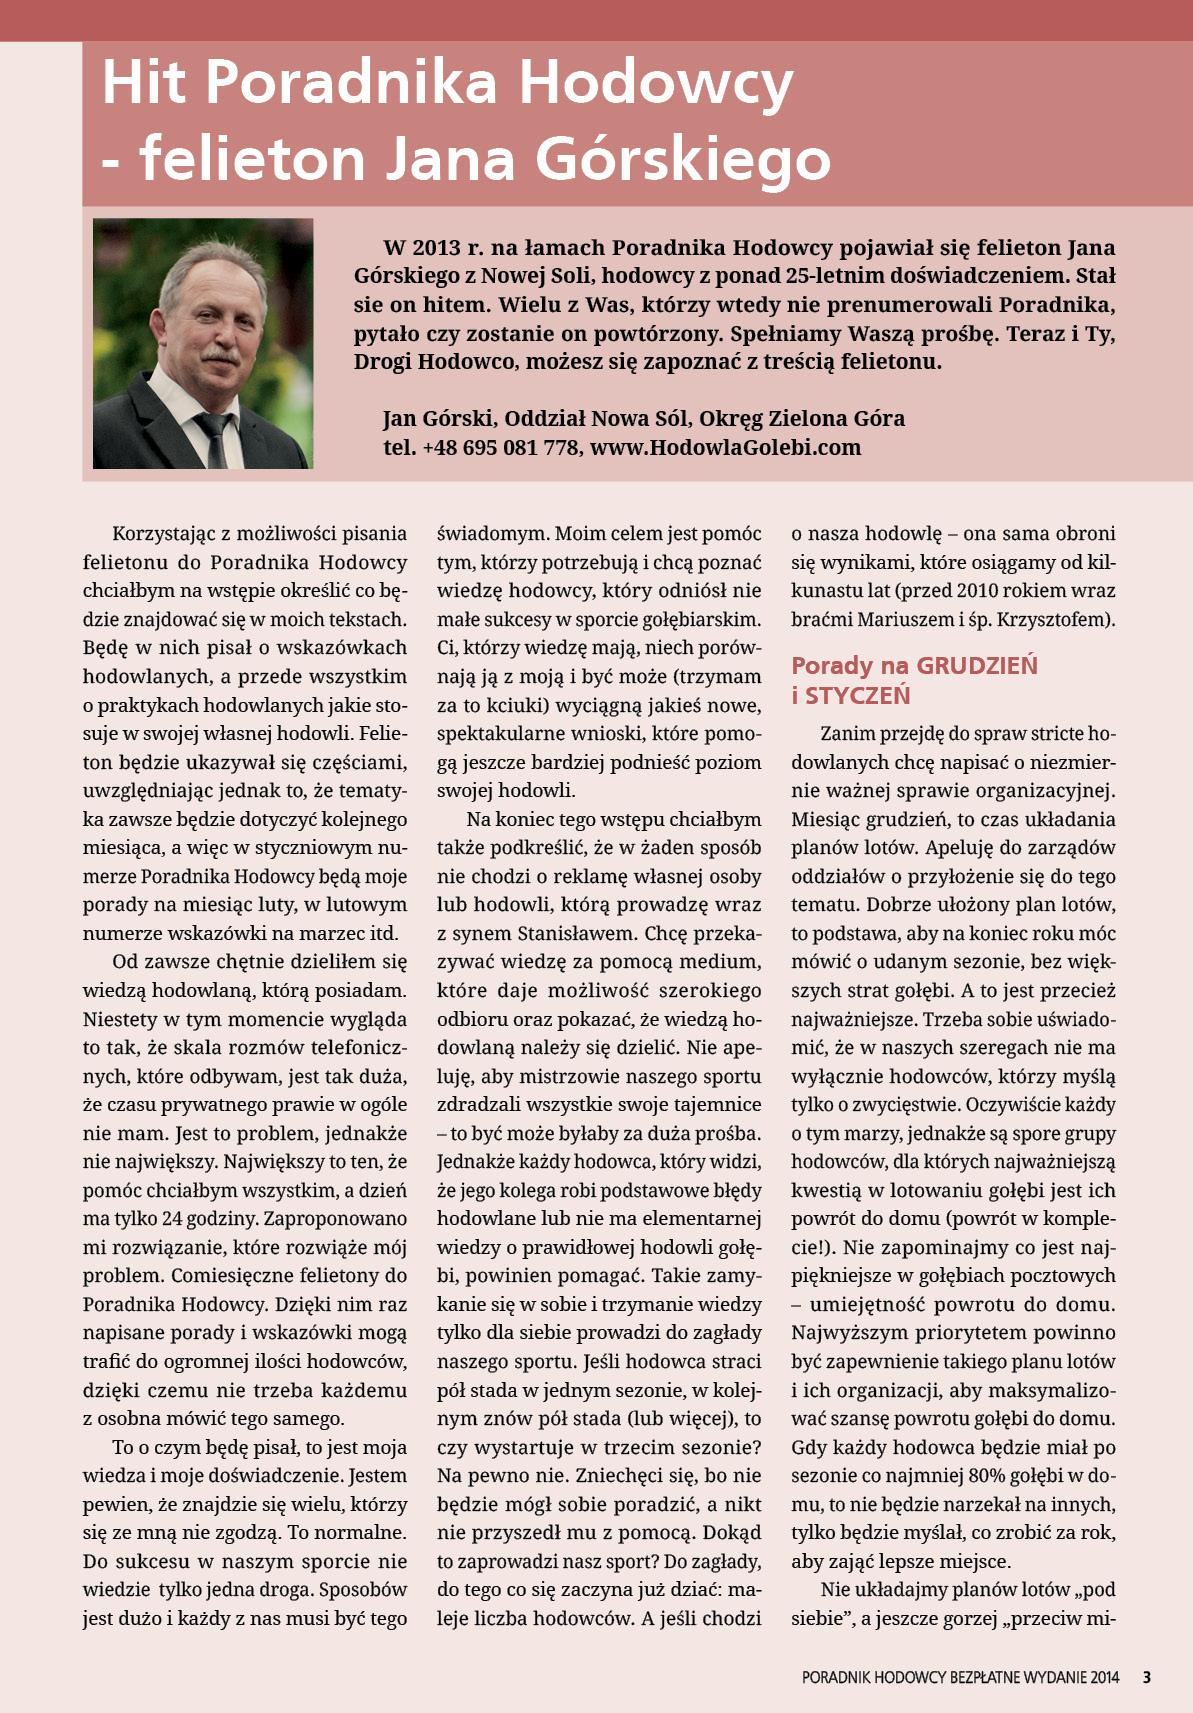 Darmowy numer specjalny Poradnika Hodowcy 2014 - strona 3